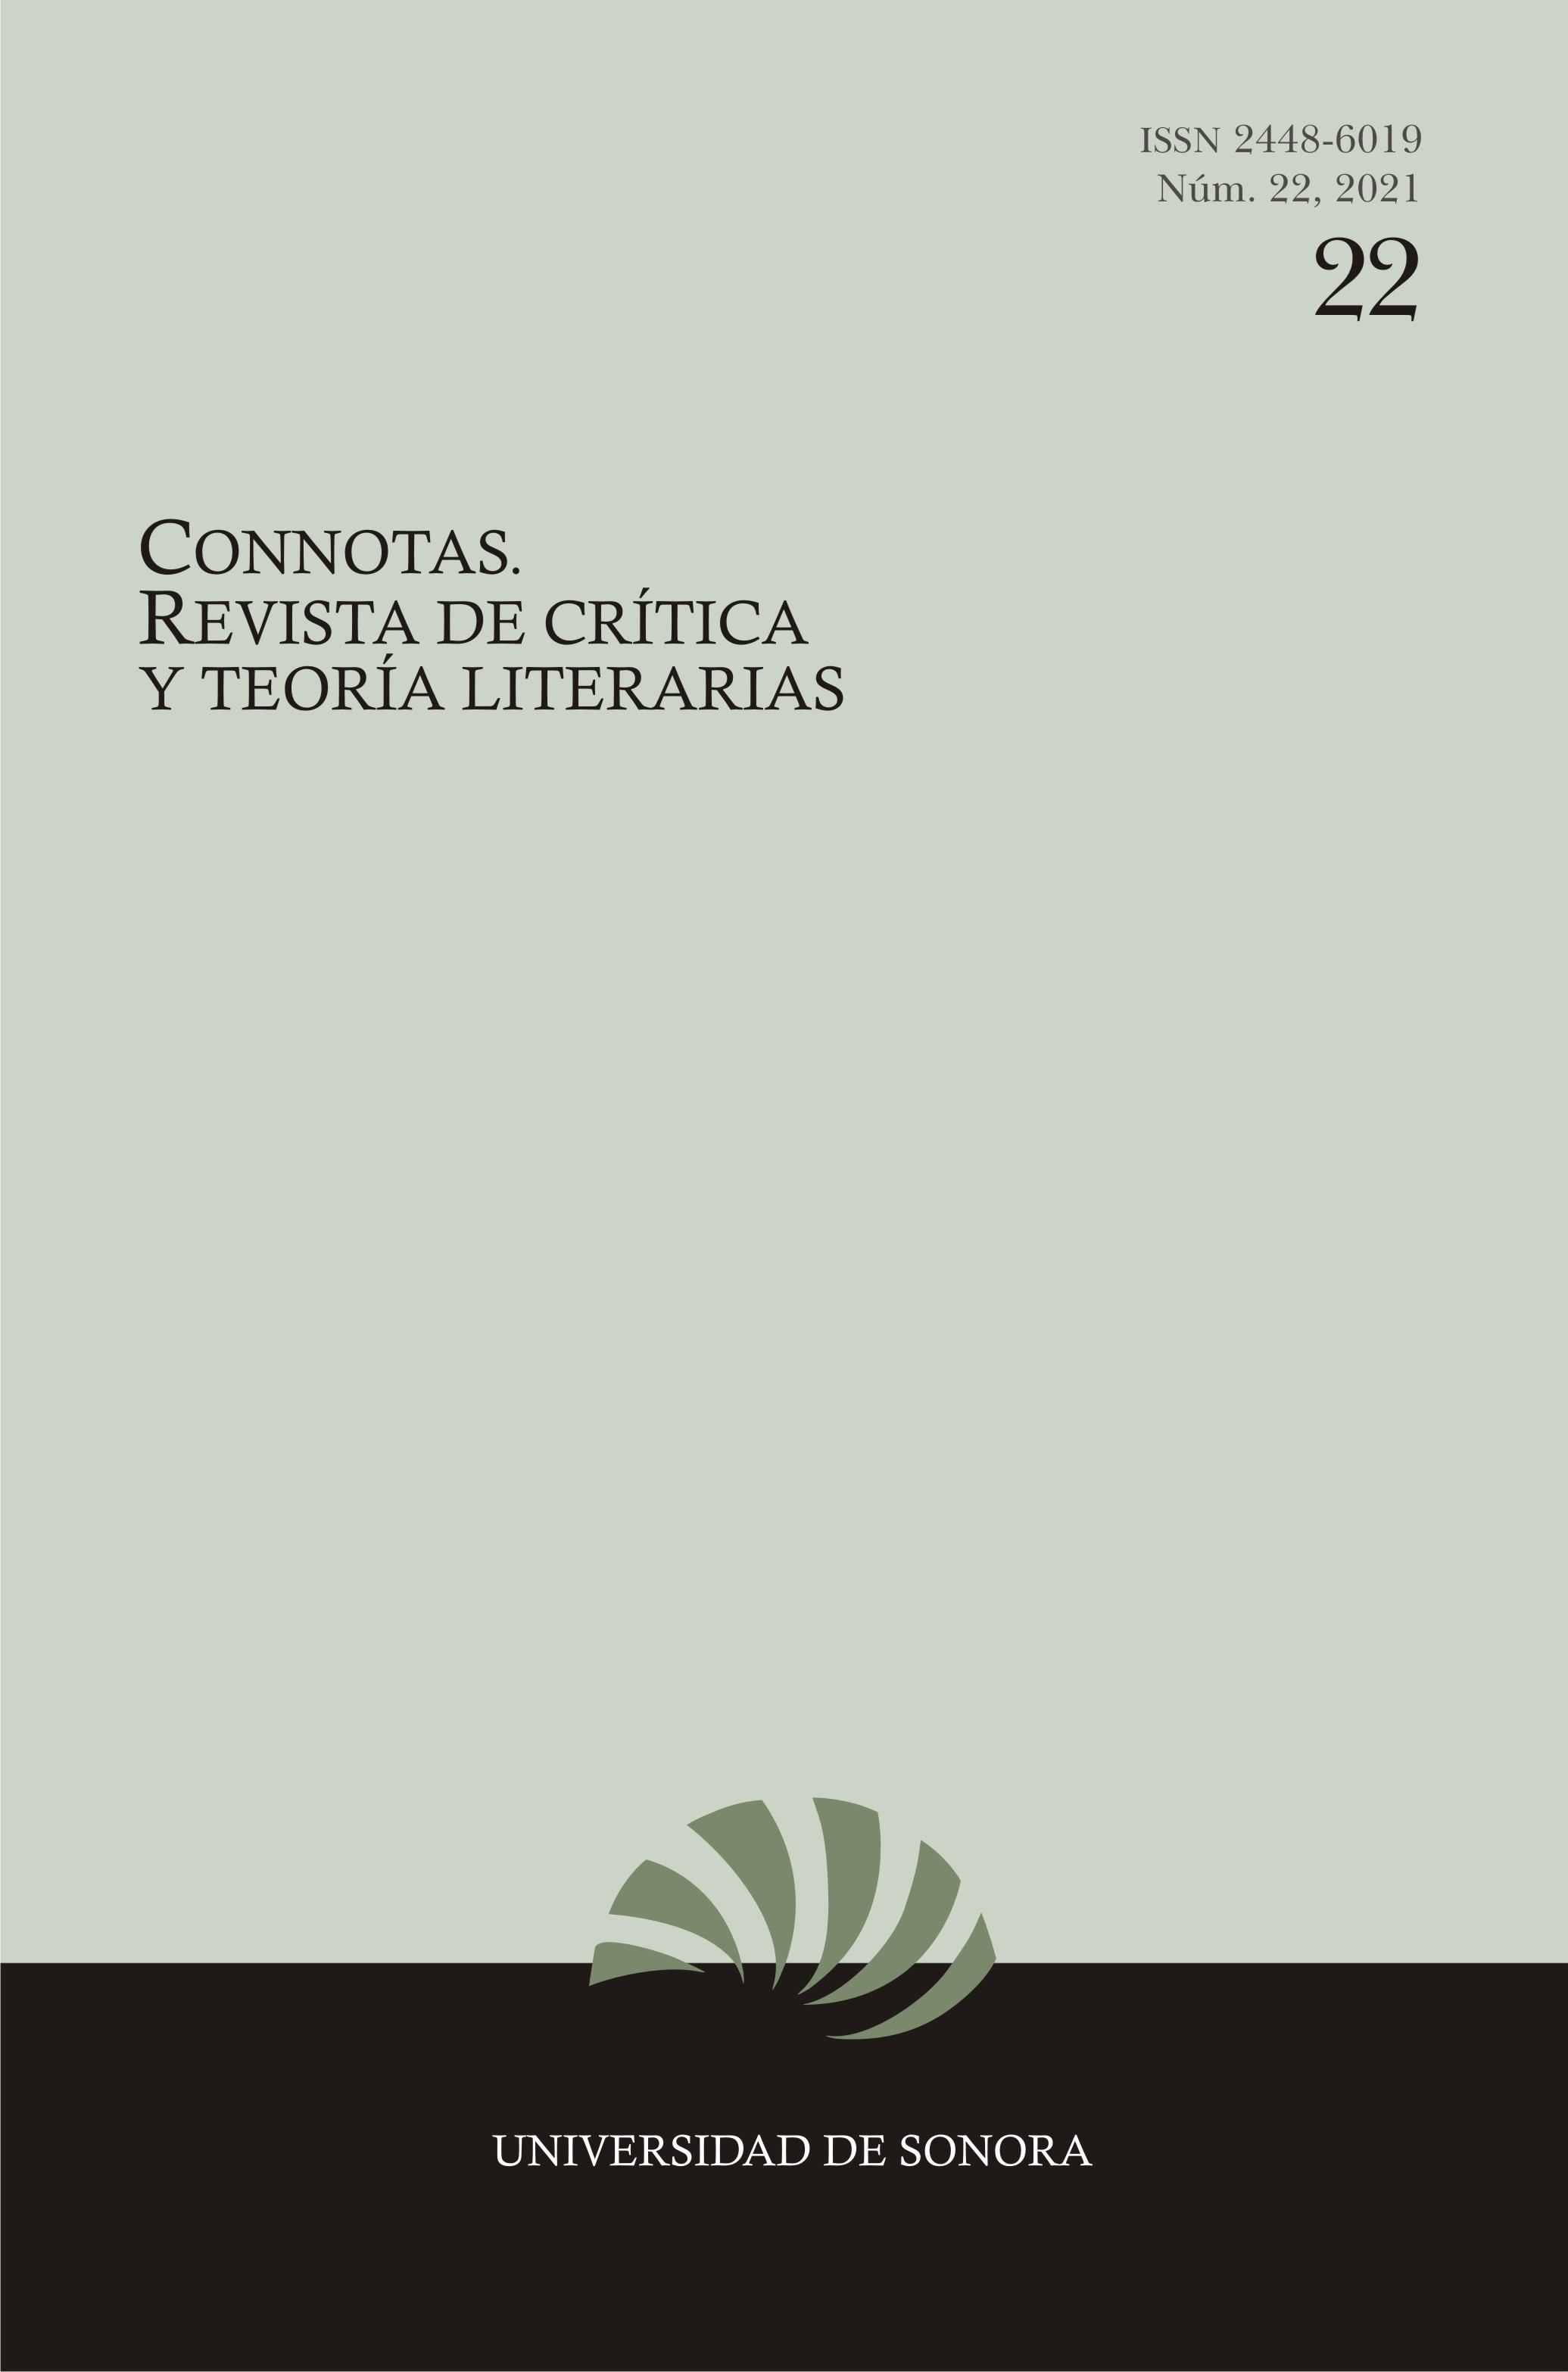 Ver Núm. 22 (2021): Connotas. Revista de crítica y teoría literarias